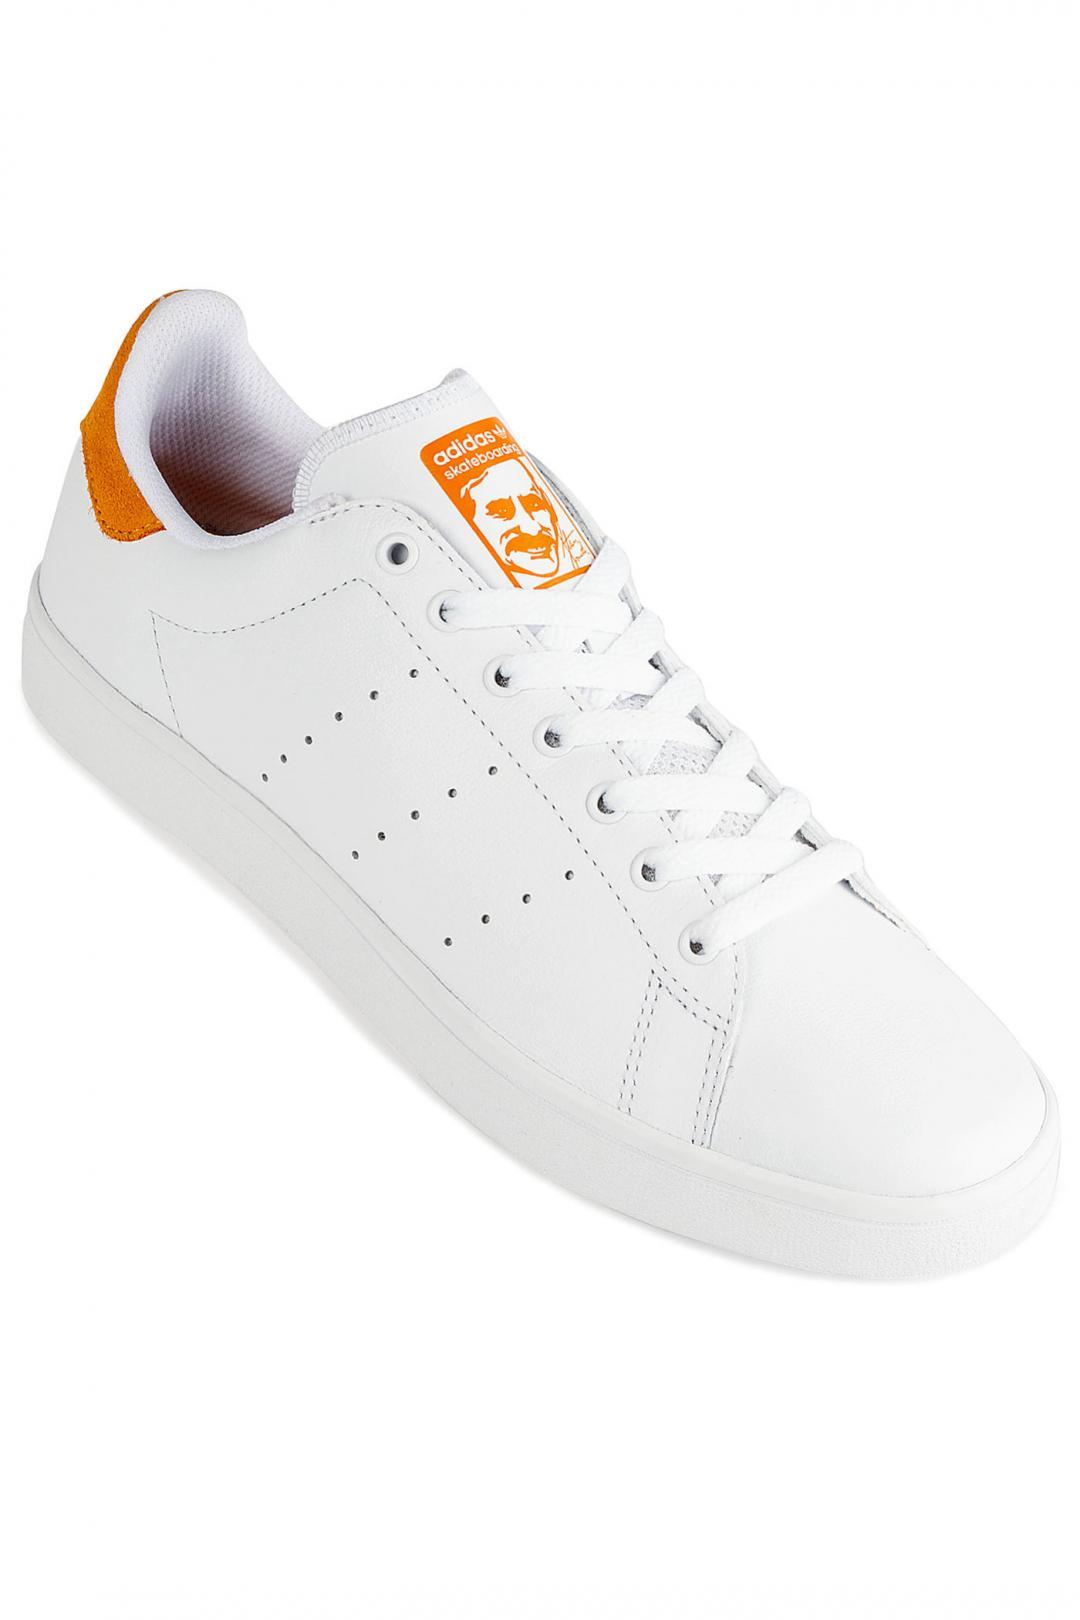 Uomo adidas Skateboarding Stan Smith Vulc white white yellow | Sneakers low top